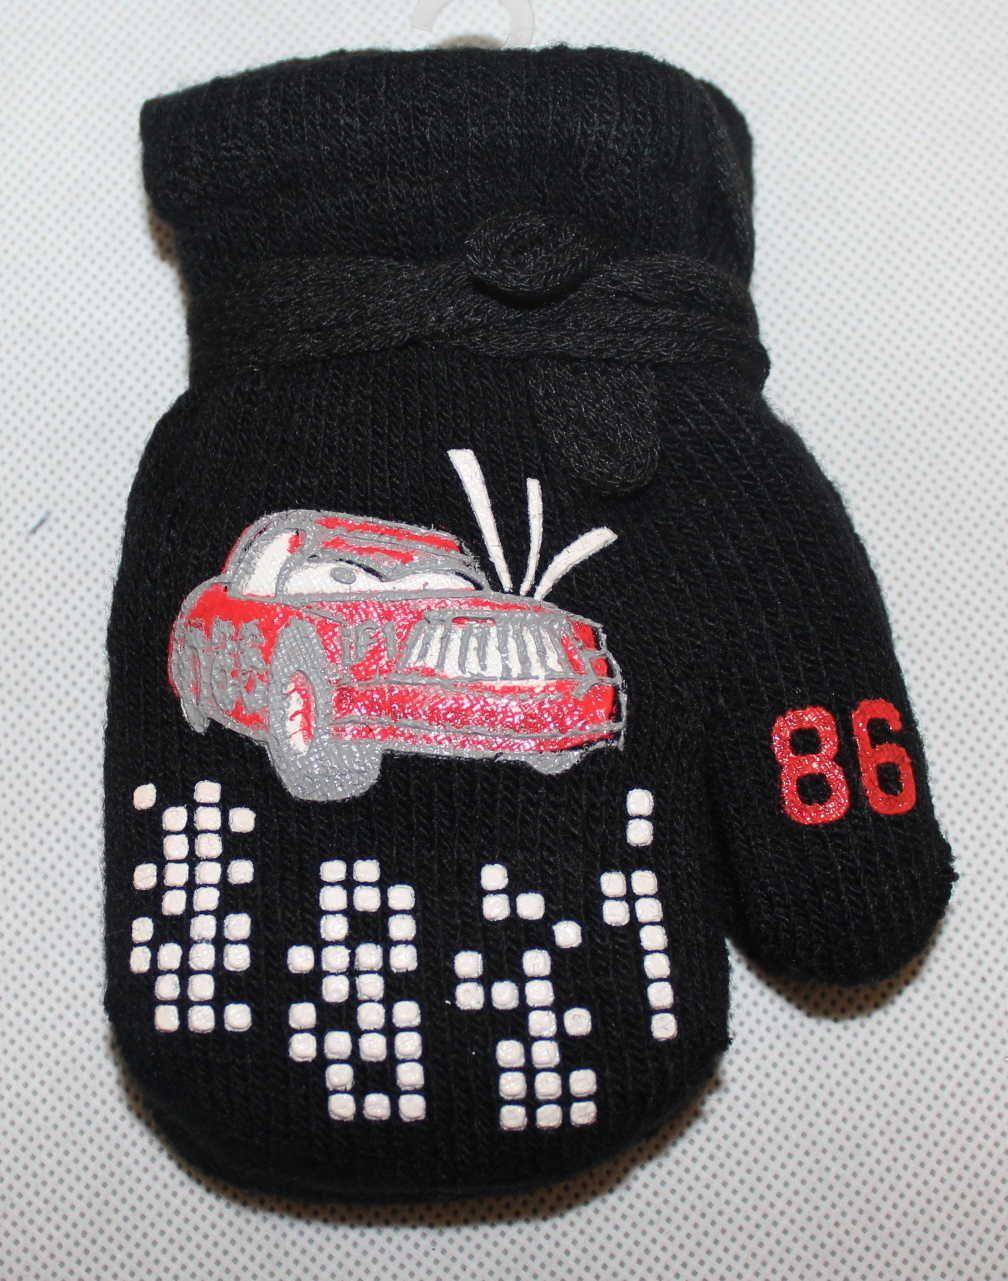 Dětské rukavice, dětské palčáky se šňůrkou, slabé rukavice, chlapecké palčáky s autem, pletené rukavice palčáky, dětské rukavice na šňůrku